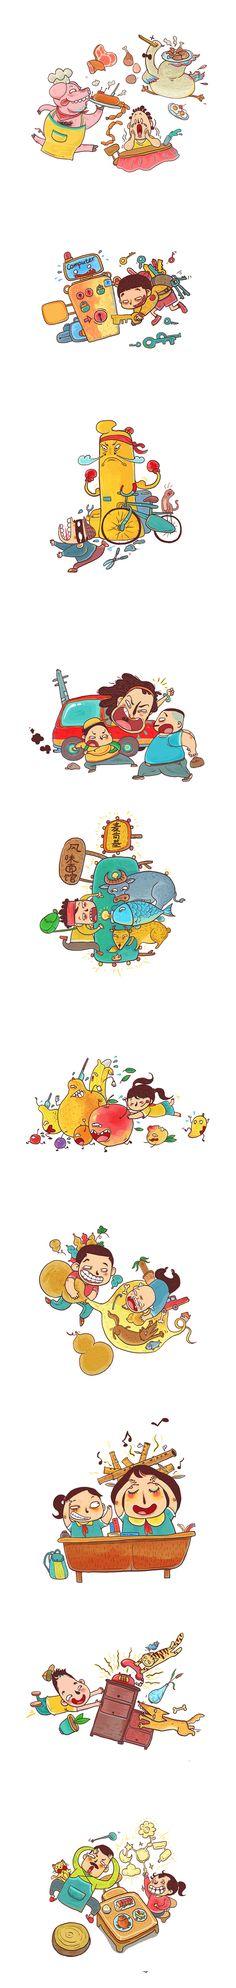 图书和电子书内页的一些小插图|商业插画|...